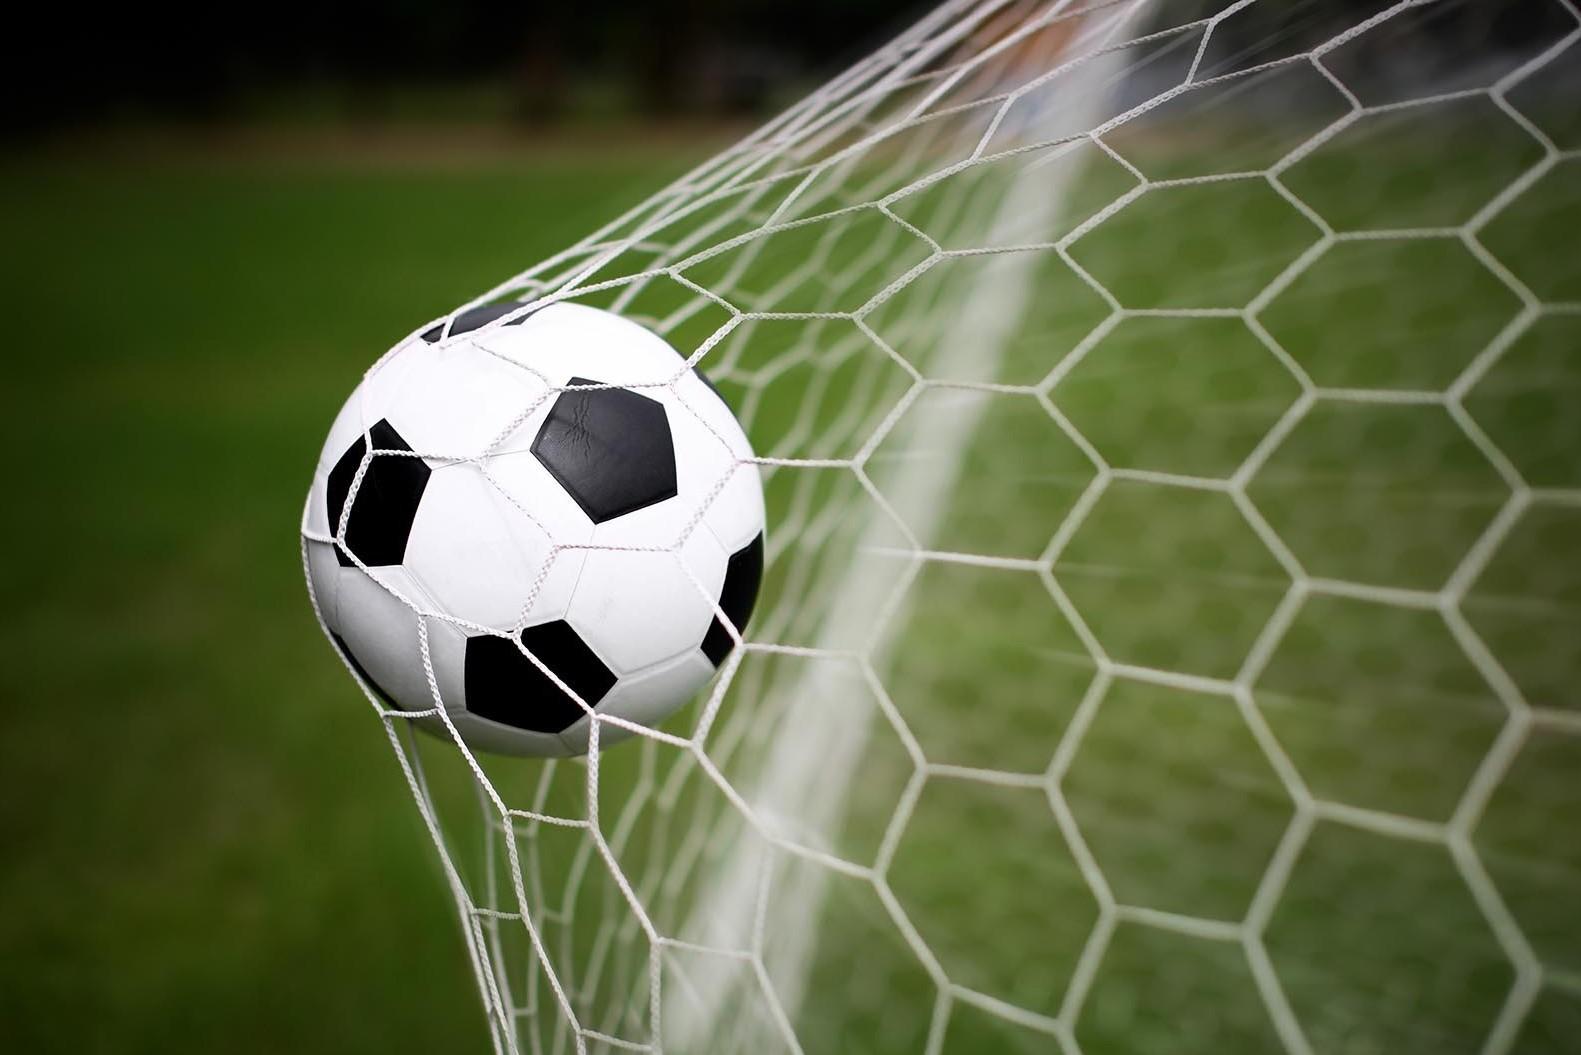 توپ جدید مسابقات حذفی یک هشتم نهایی جام ملتهای آسیا ۲۰۱۹ رونمایی شد+عکس